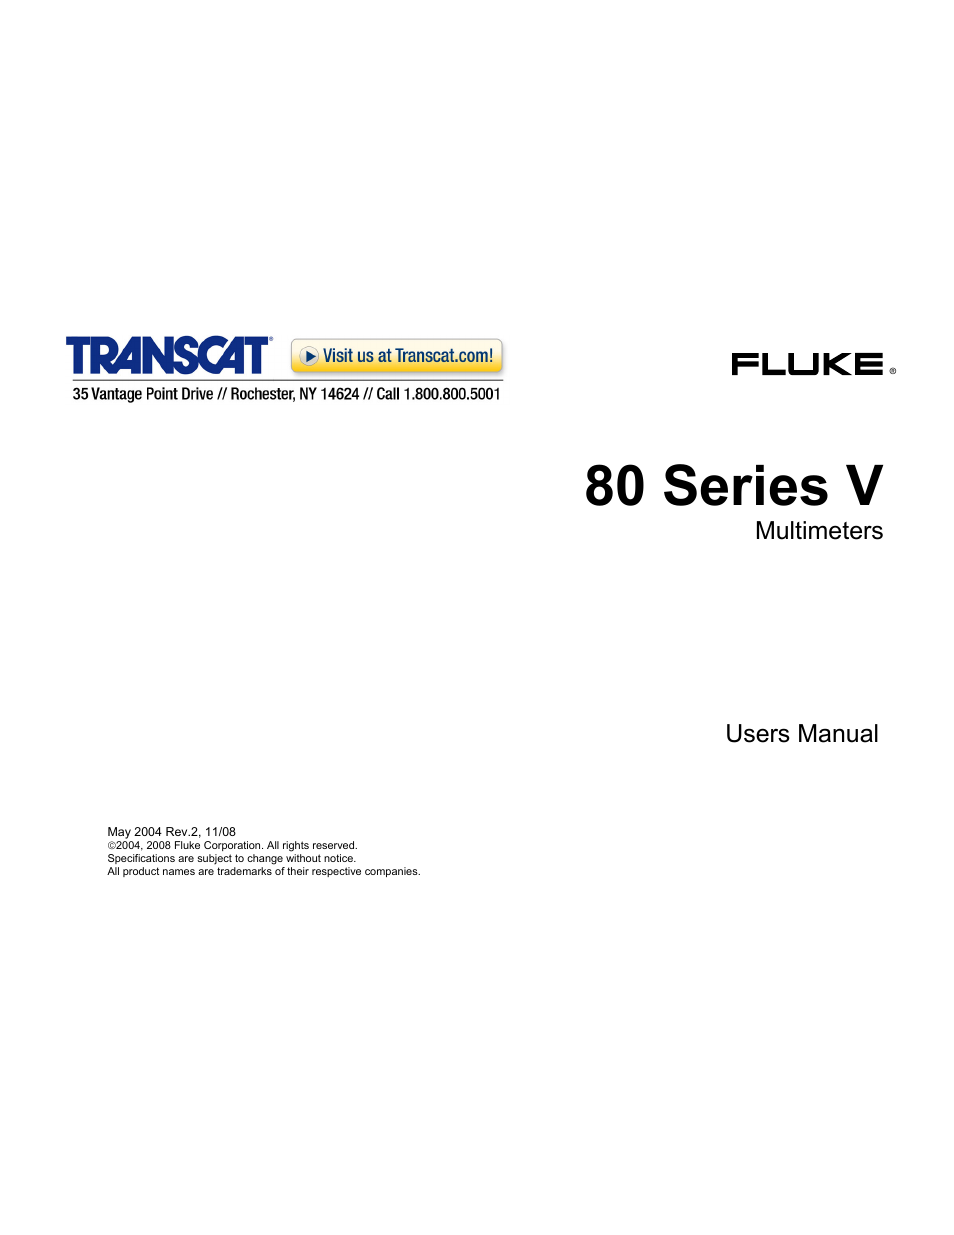 Fluke 87 V User Manual | 60 pages | Also for: 80 Series V